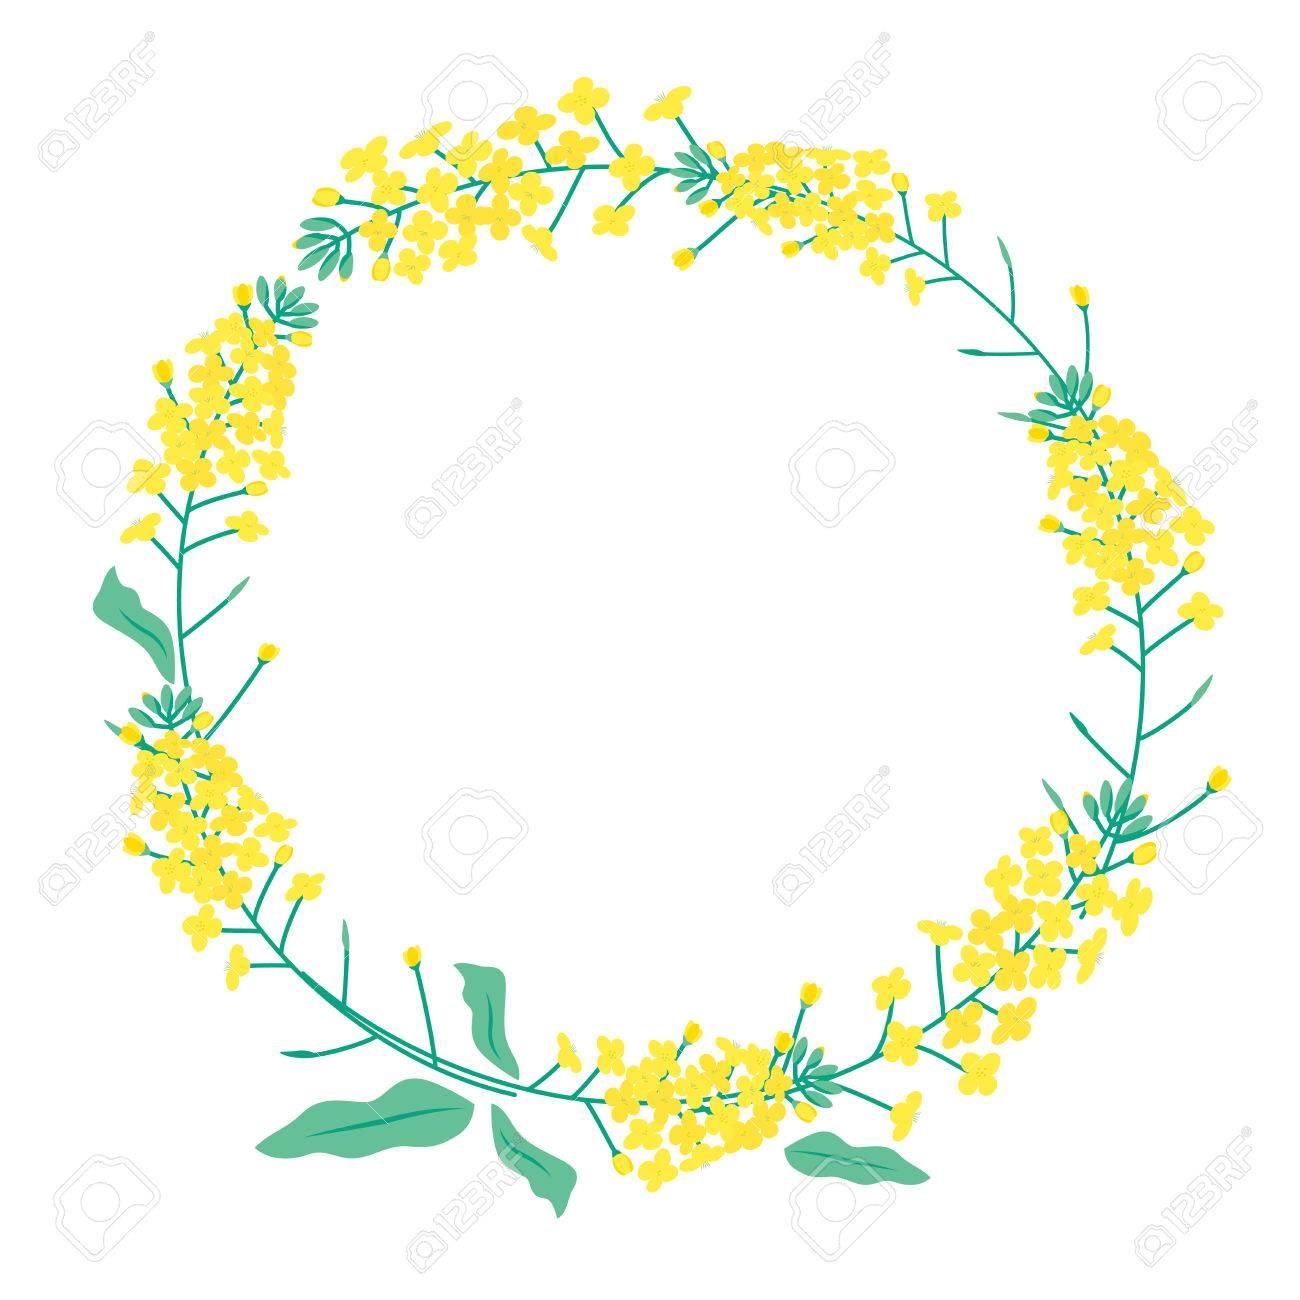 菜の花のフレーム イラストのイラスト素材ベクタ Image 73652471